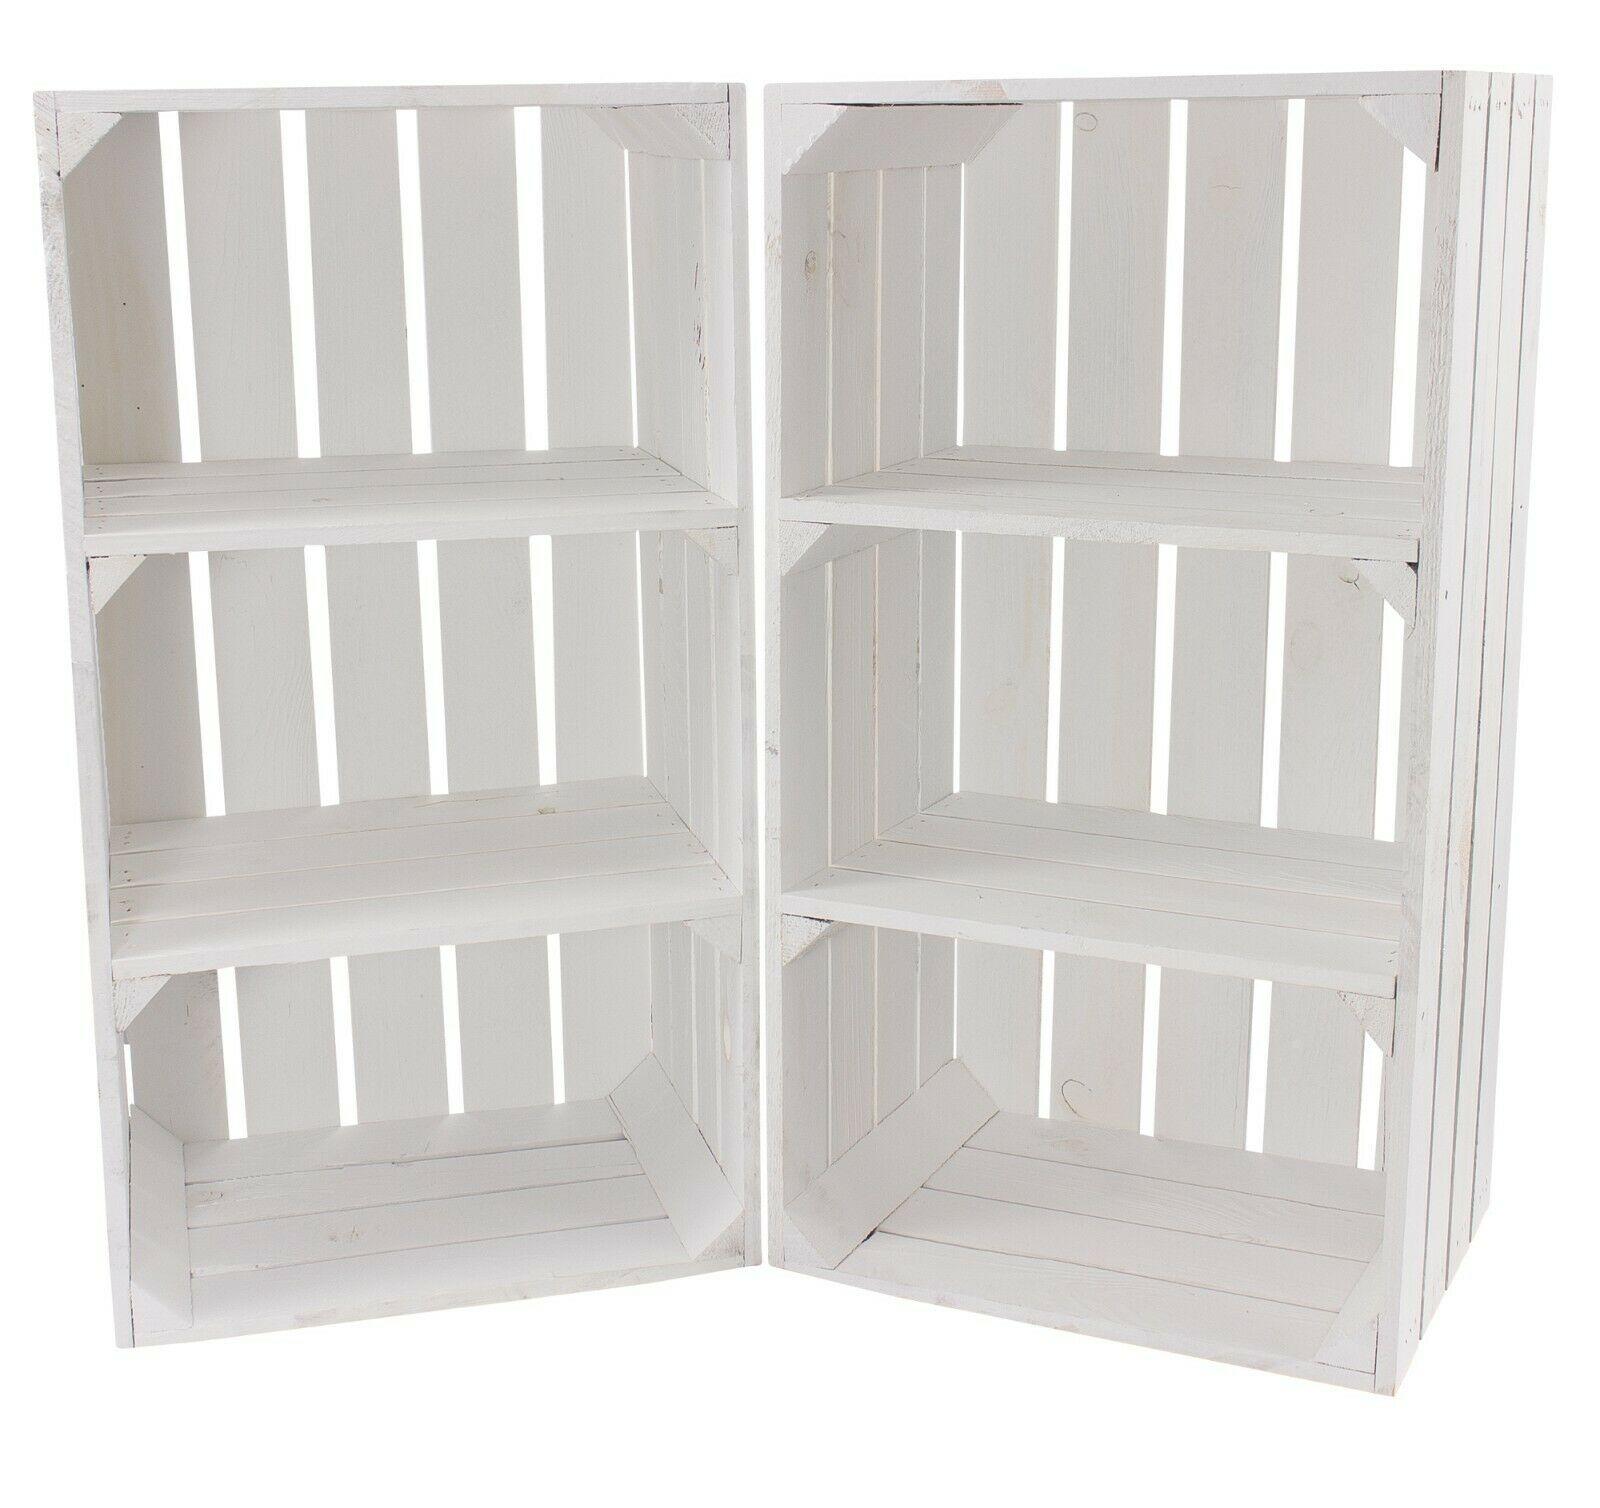 Full Size of Regal Kisten Kleines Weiß Amazon Regale Dachschräge 60 Cm Tief Metall Tv Soft Plus 40 Breit Küche Für Getränkekisten Schuh Selber Bauen Dvd Badezimmer Regal Regal Kisten